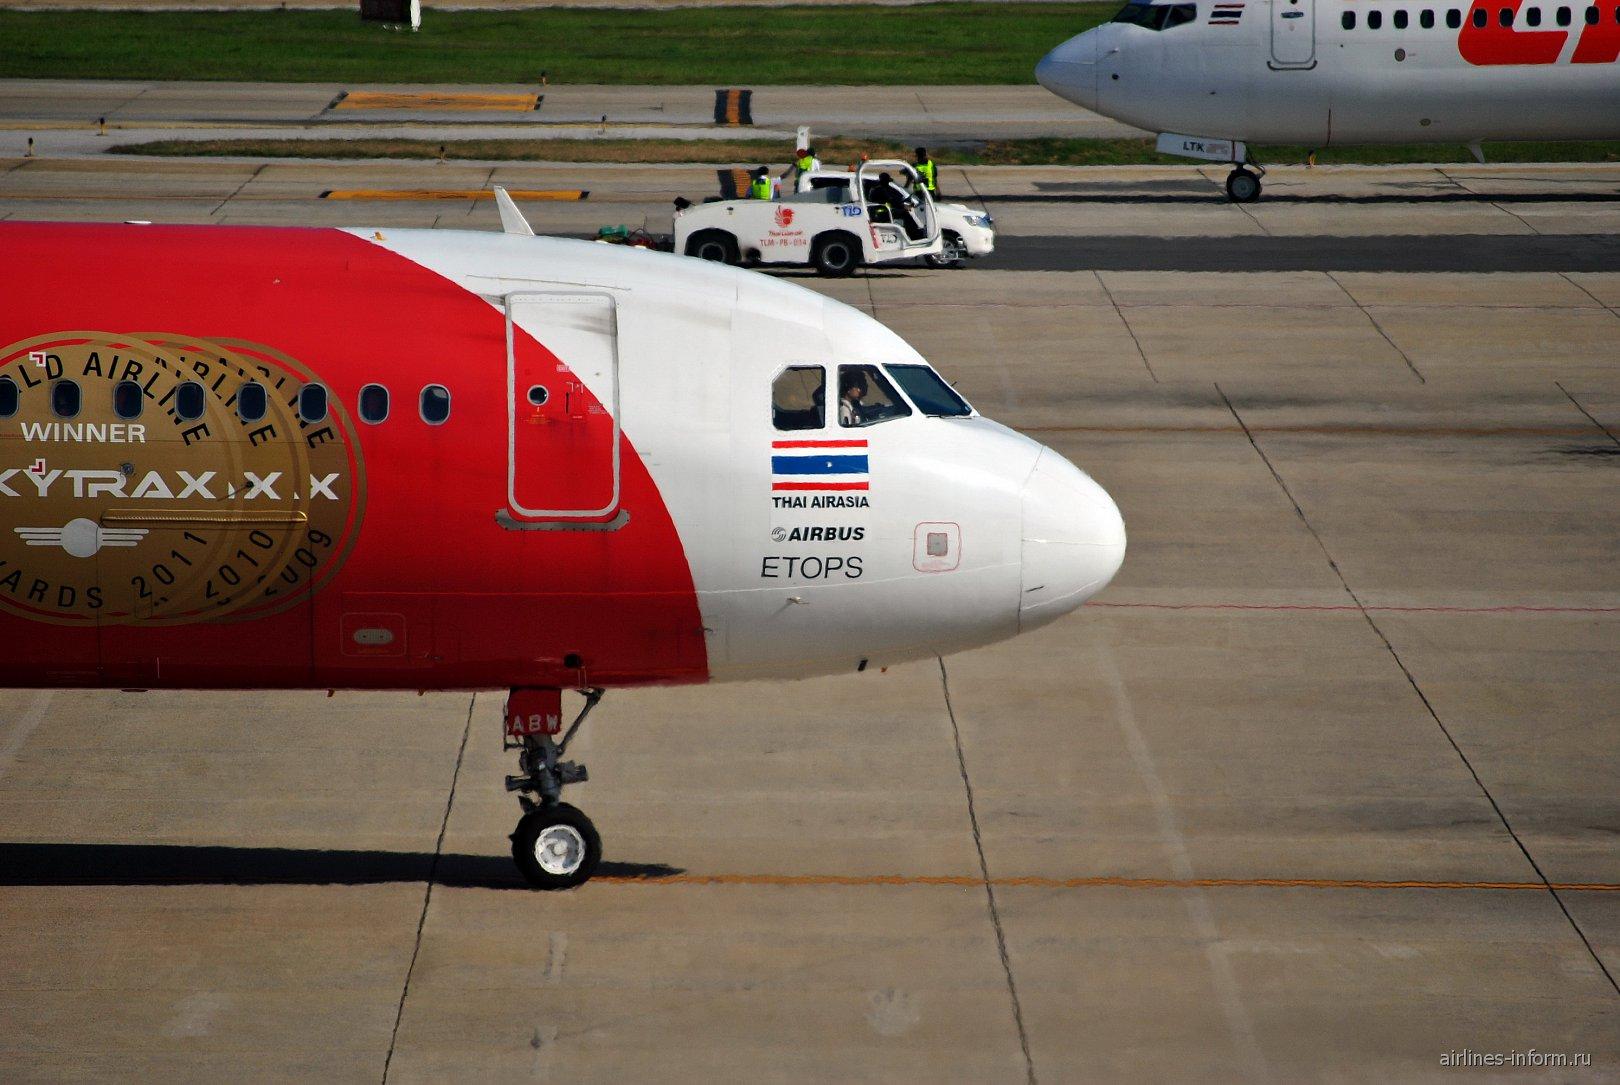 Airbus A320 ������������ Thai AirAsia � ��������� ��������